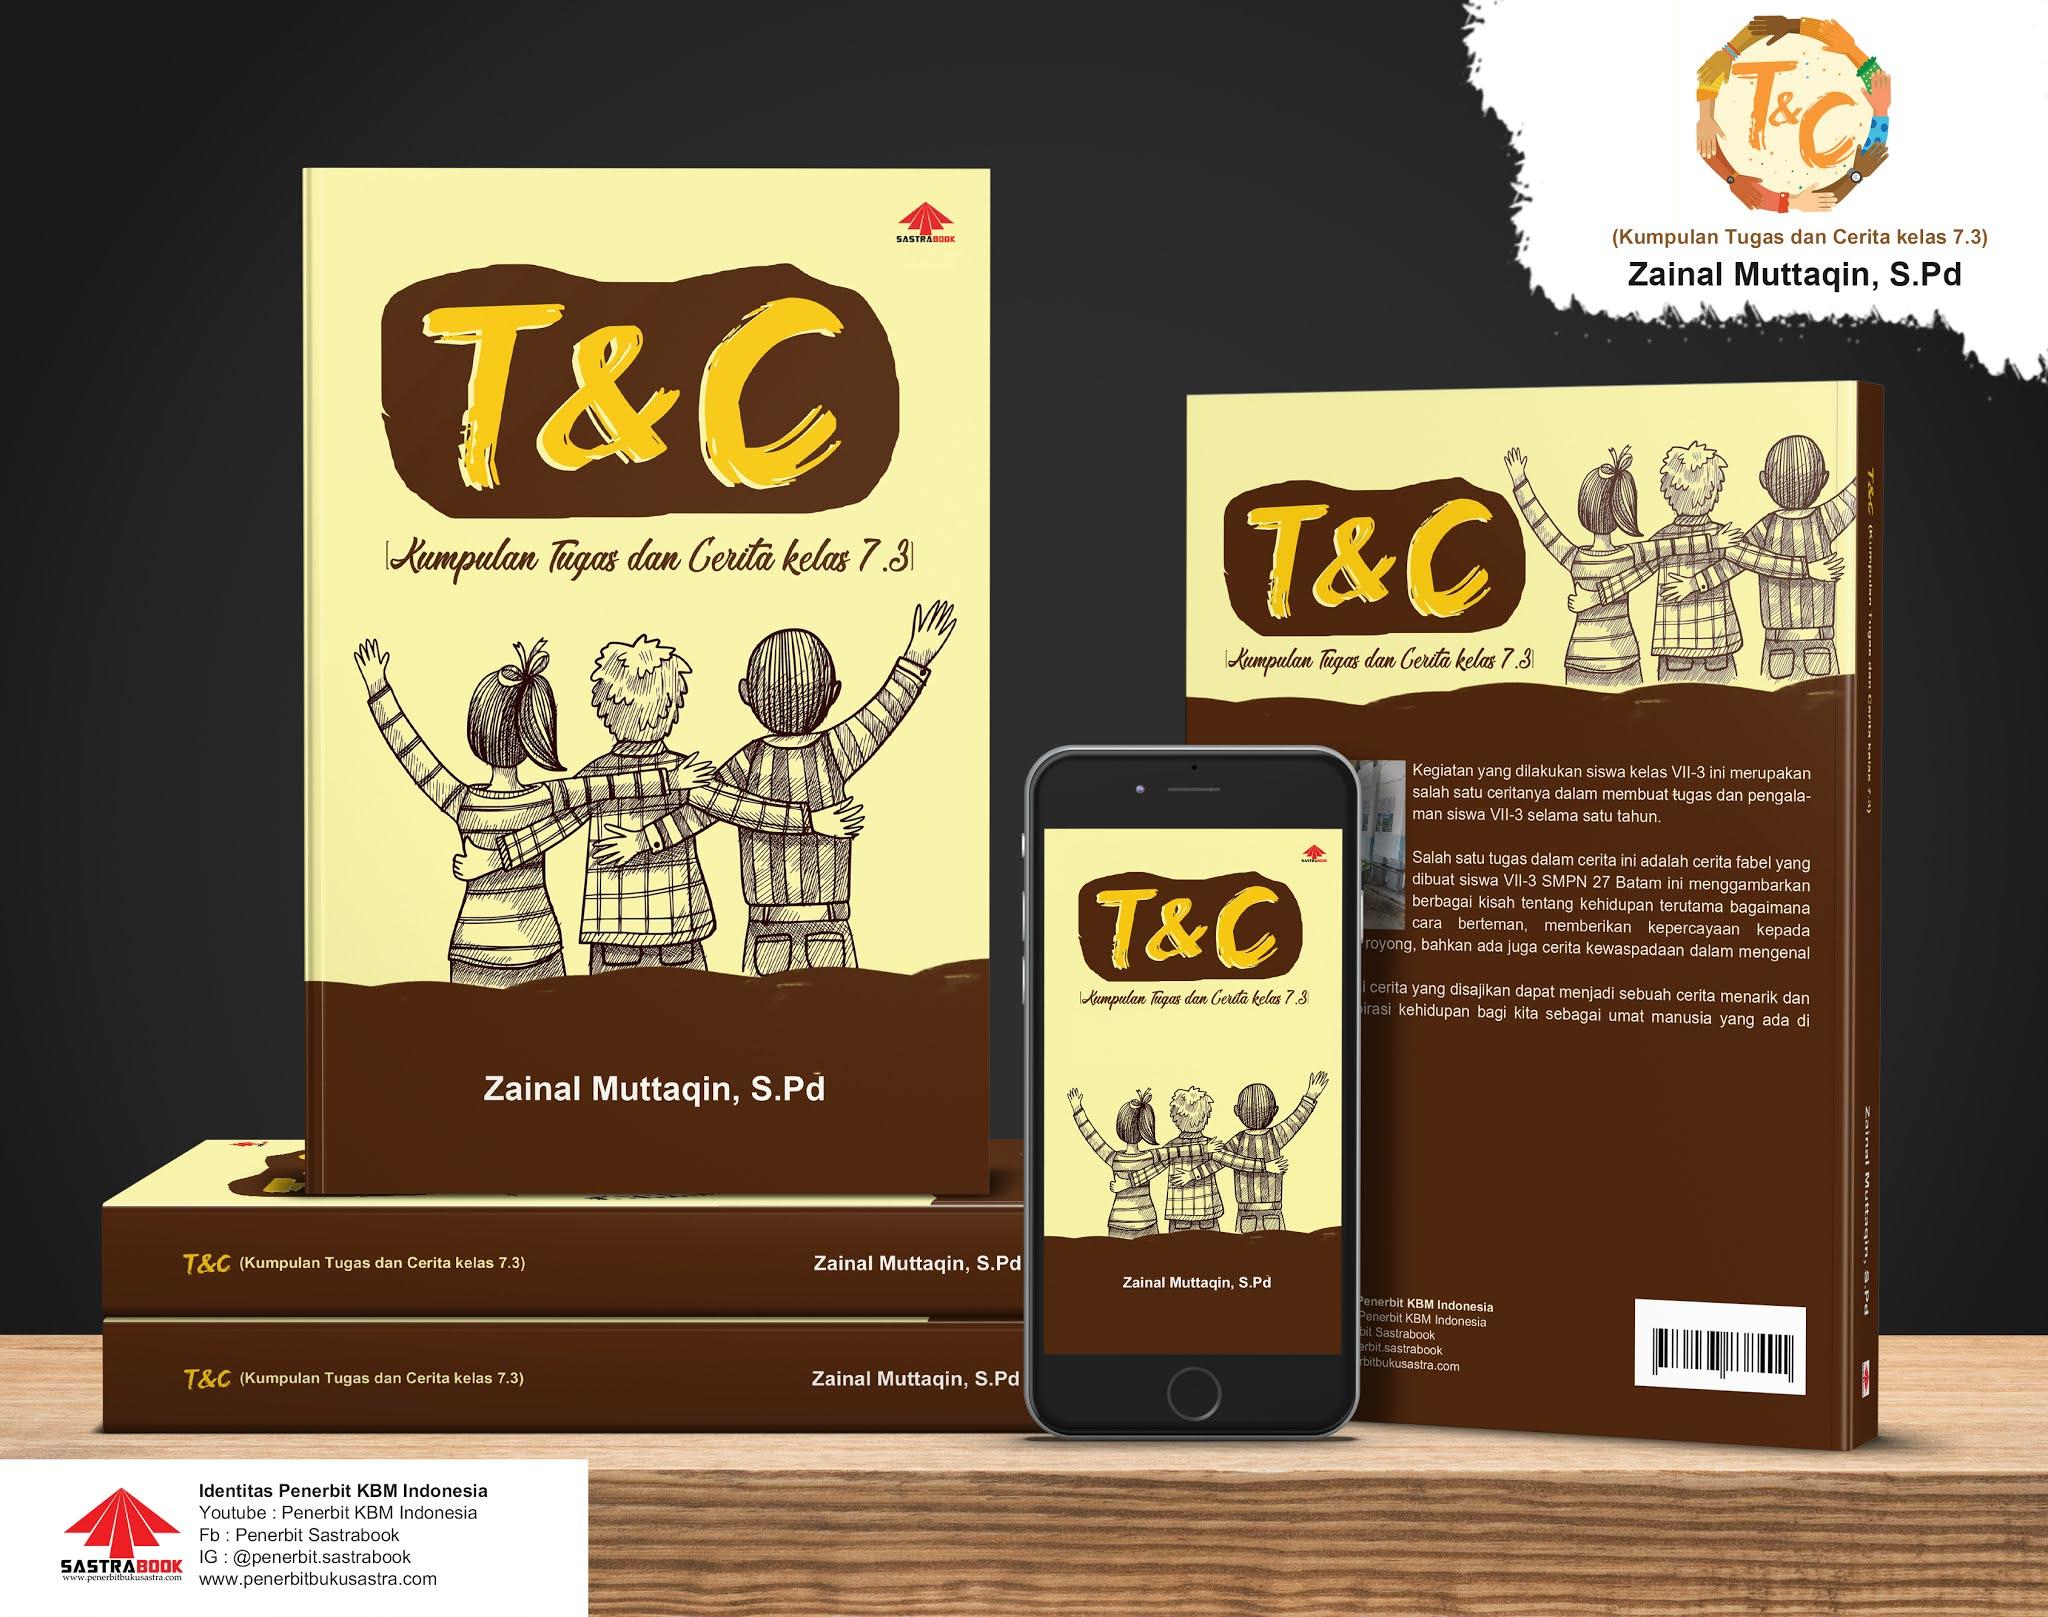 T&C (Kumpulan Tugas dan Cerita kelas 7.3)